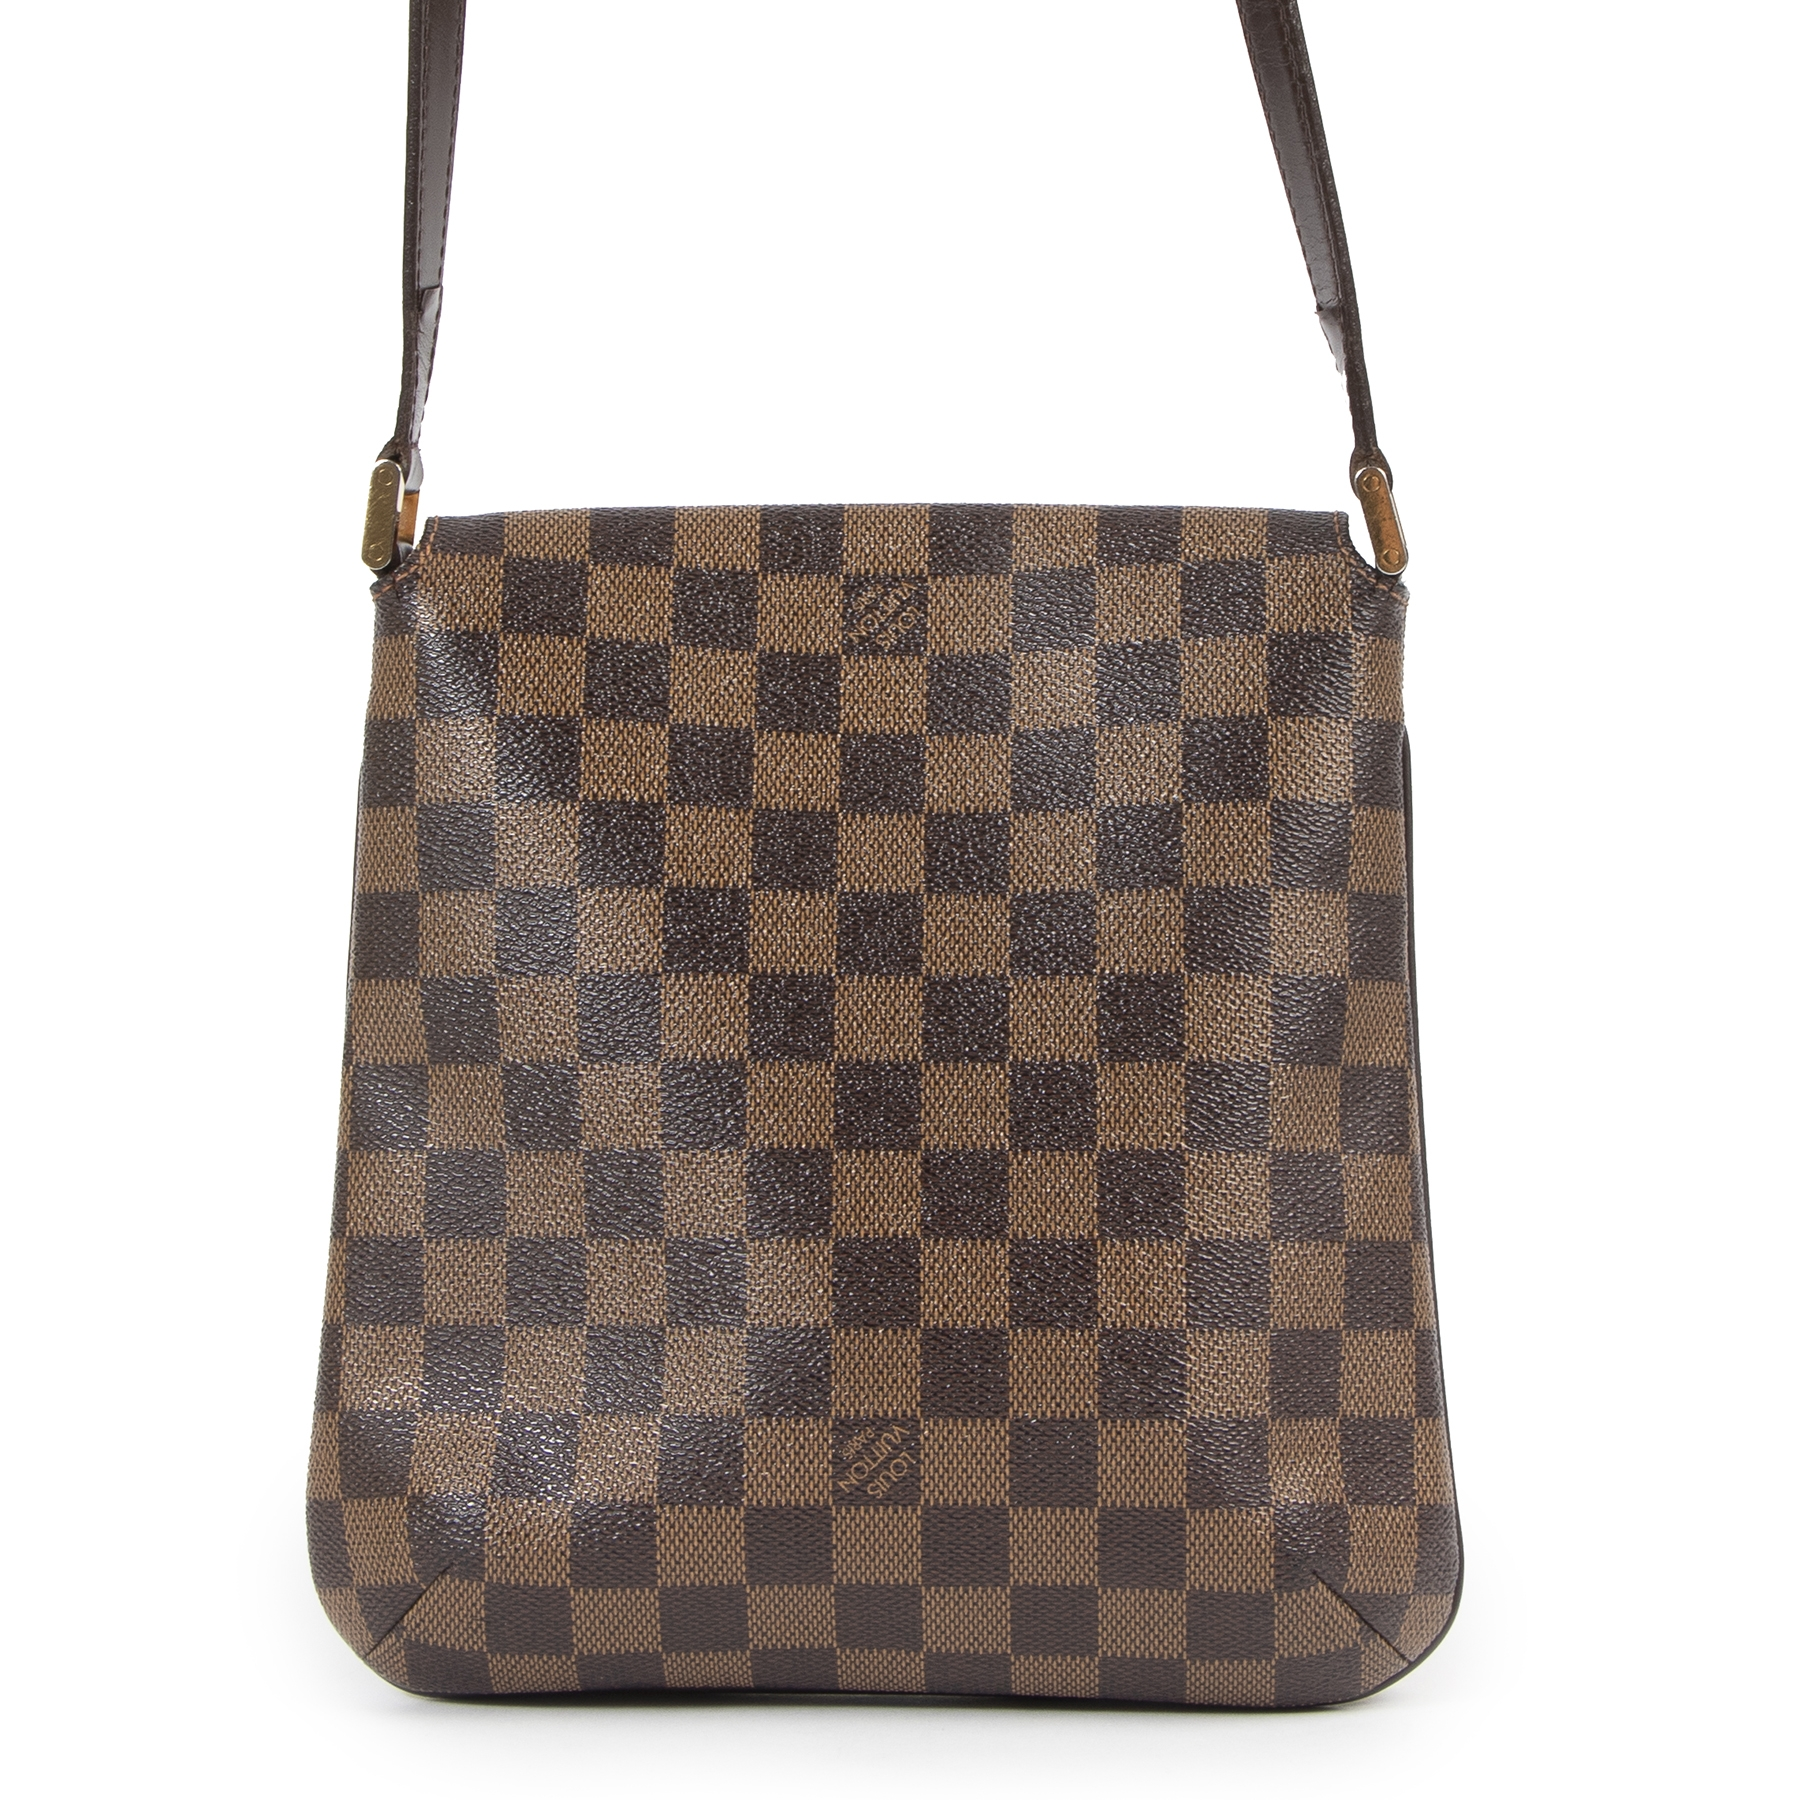 Authentieke Tweedehands Louis Vuitton Damier Ebene Musette Salsa PM Bag juiste prijs veilig online shoppen luxe merken webshop winkelen Antwerpen België mode fashion